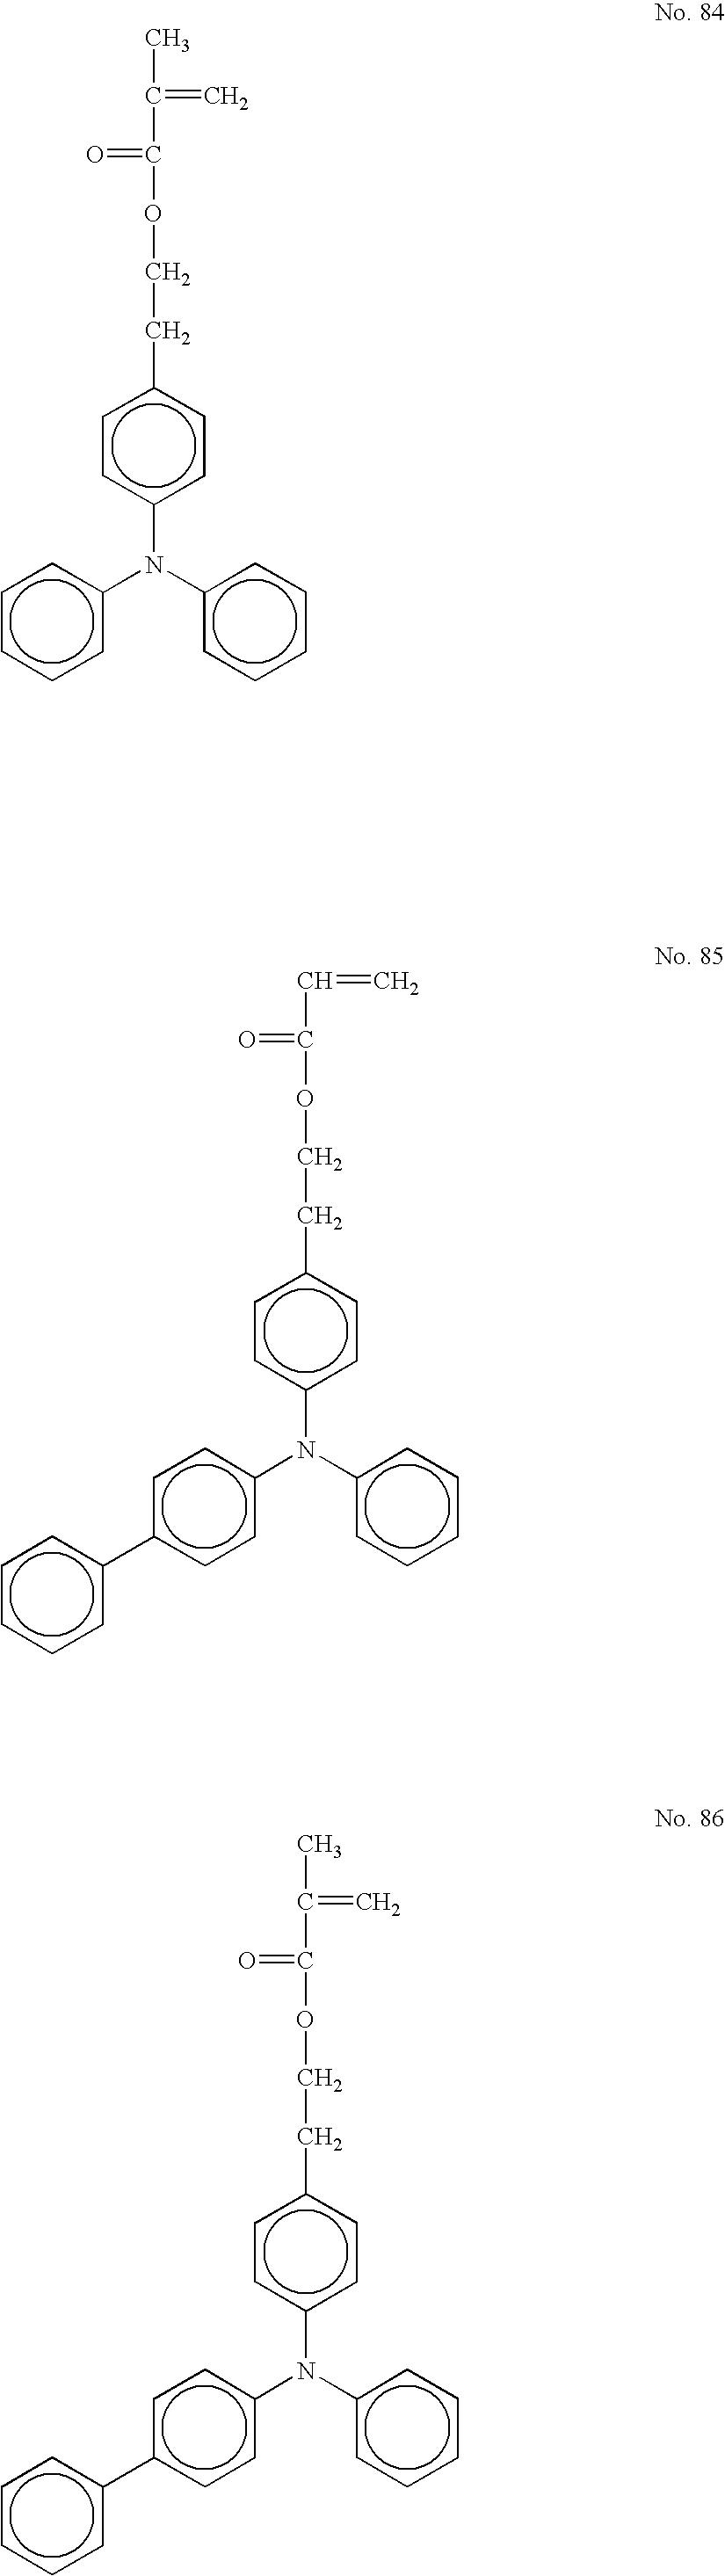 Figure US20060177749A1-20060810-C00044